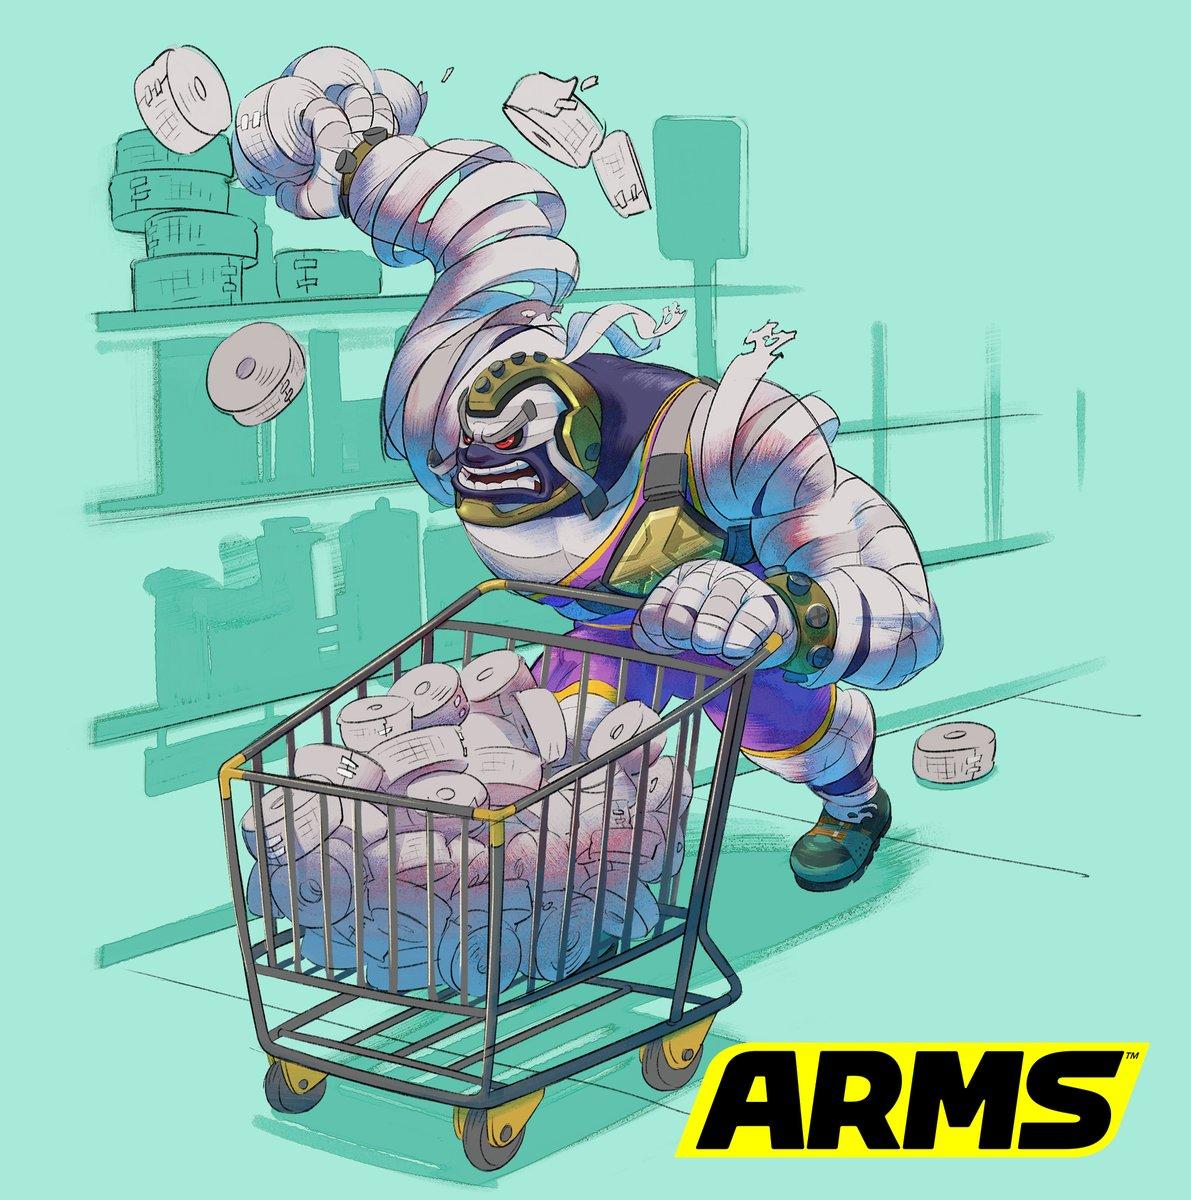 『ARMS』 マスターマミーのアートワークが公開